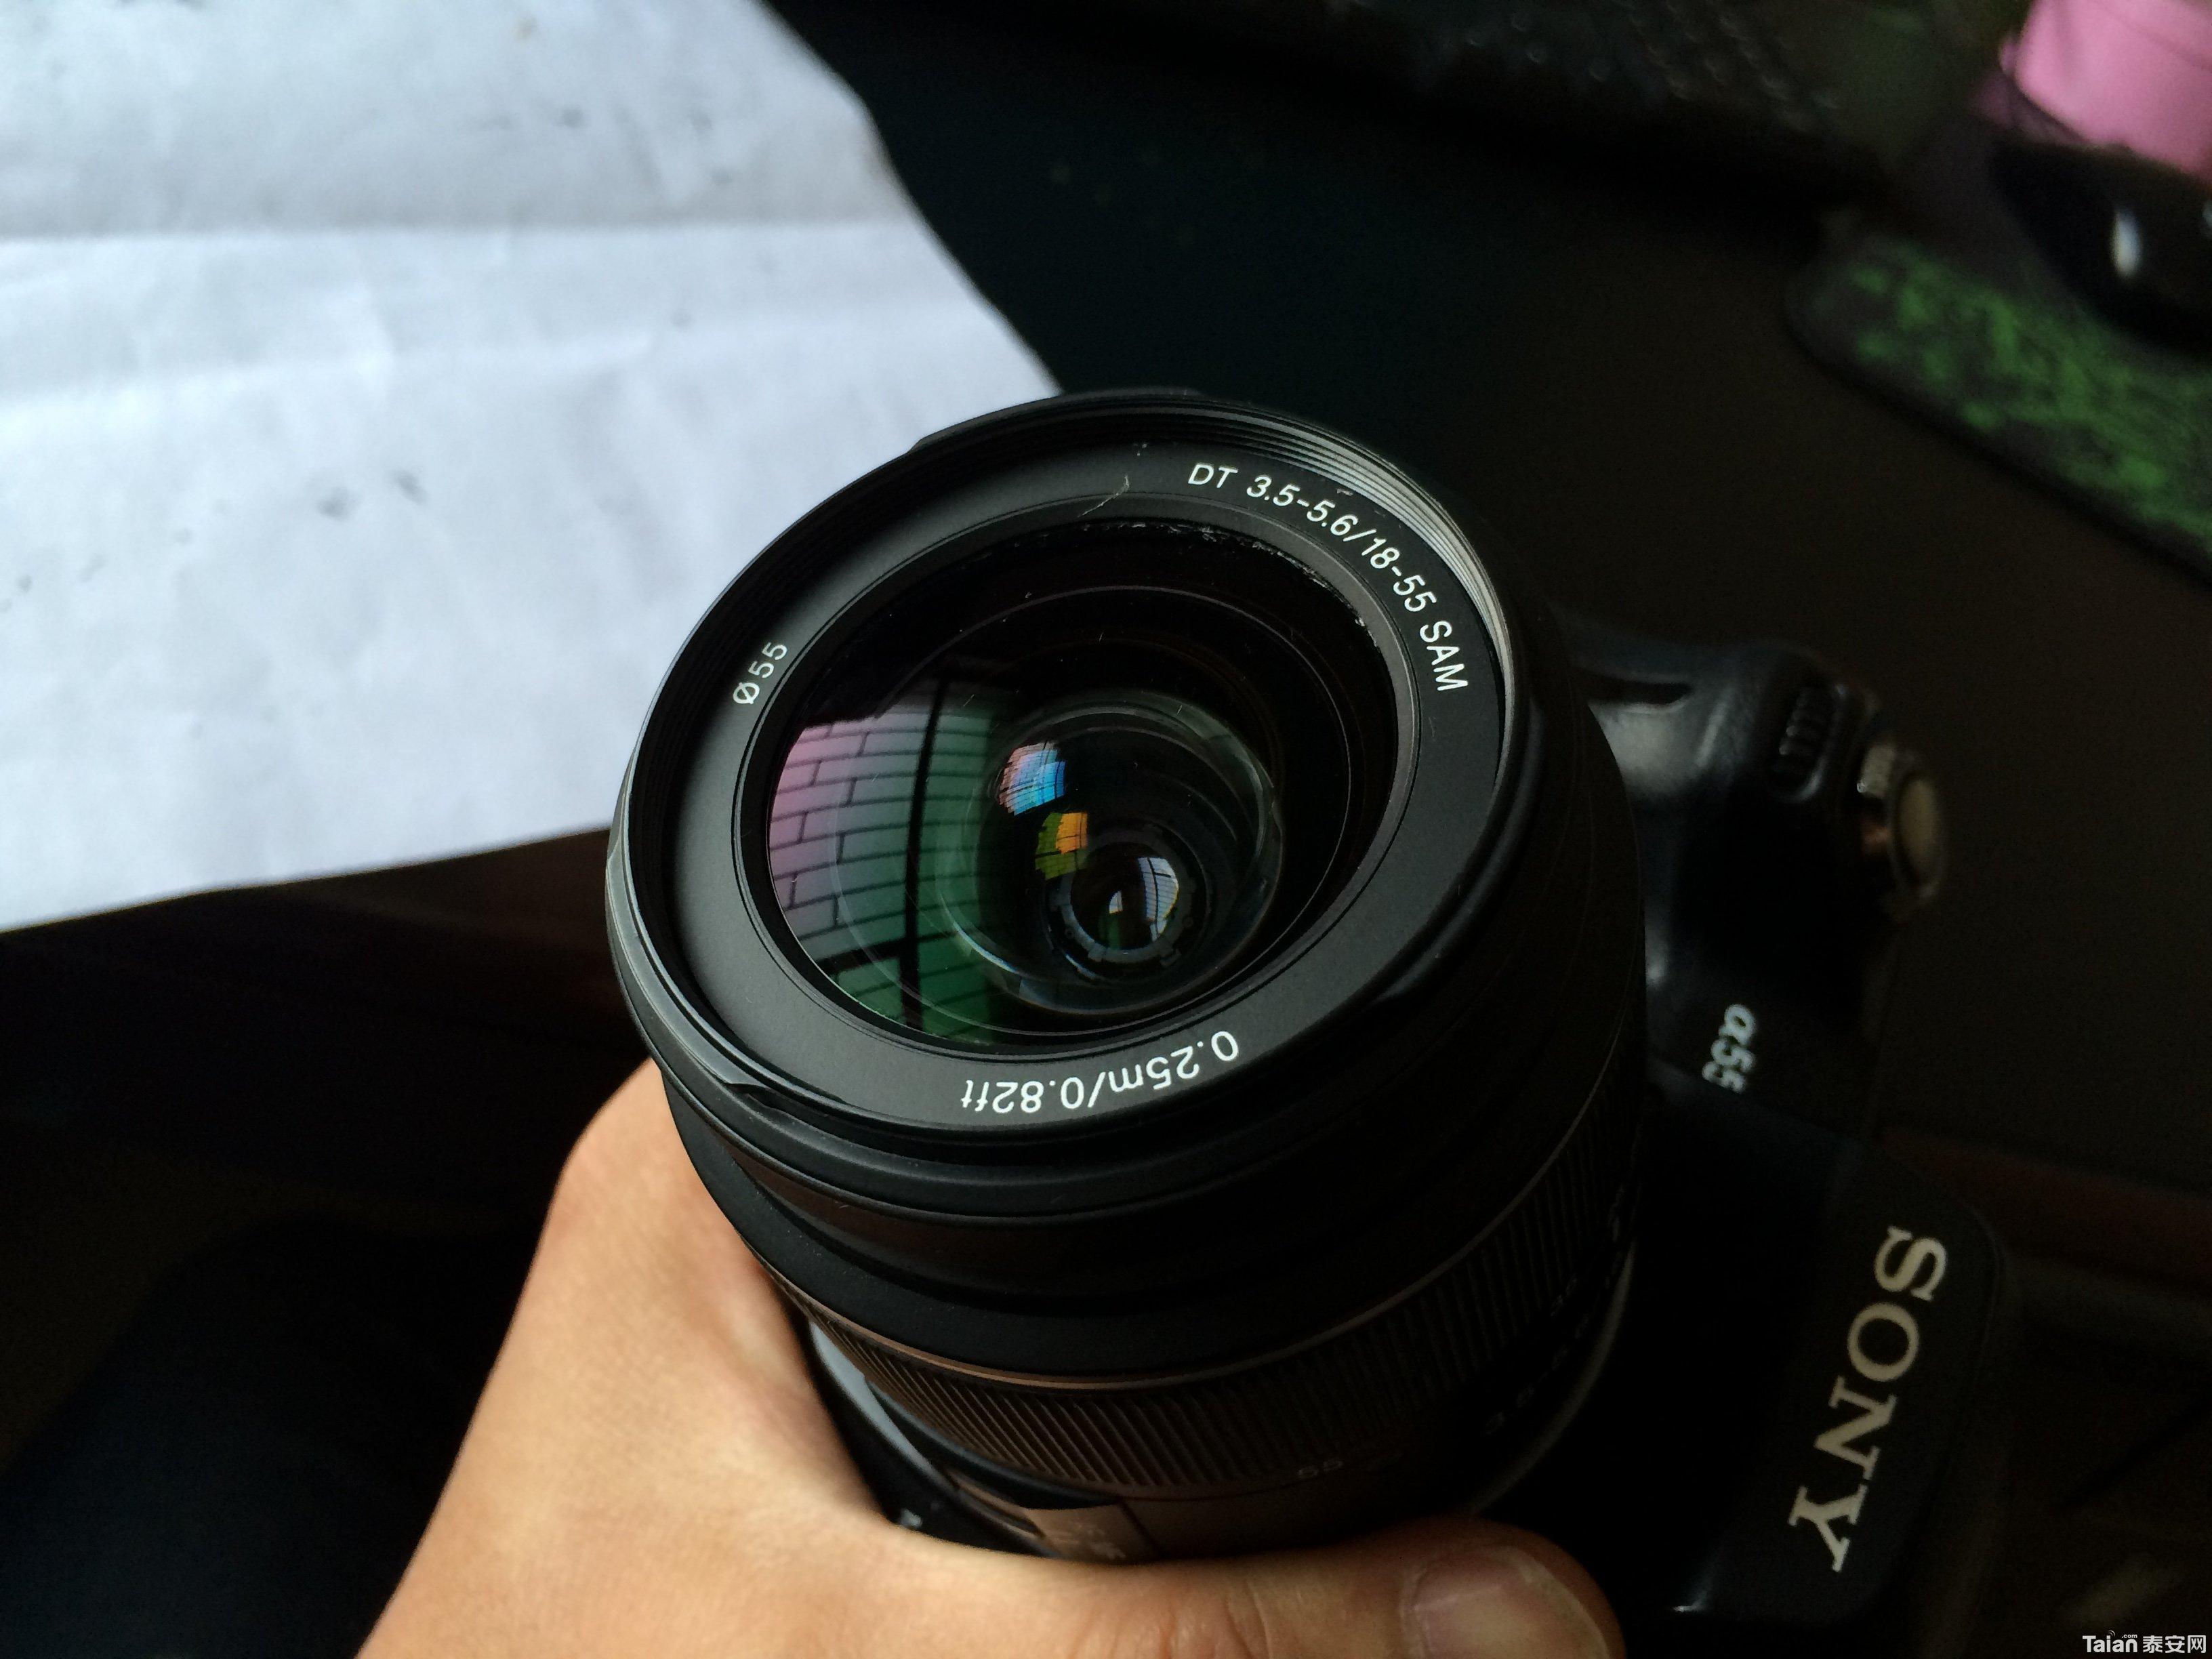 自用sony 单反相机 a550 换门出